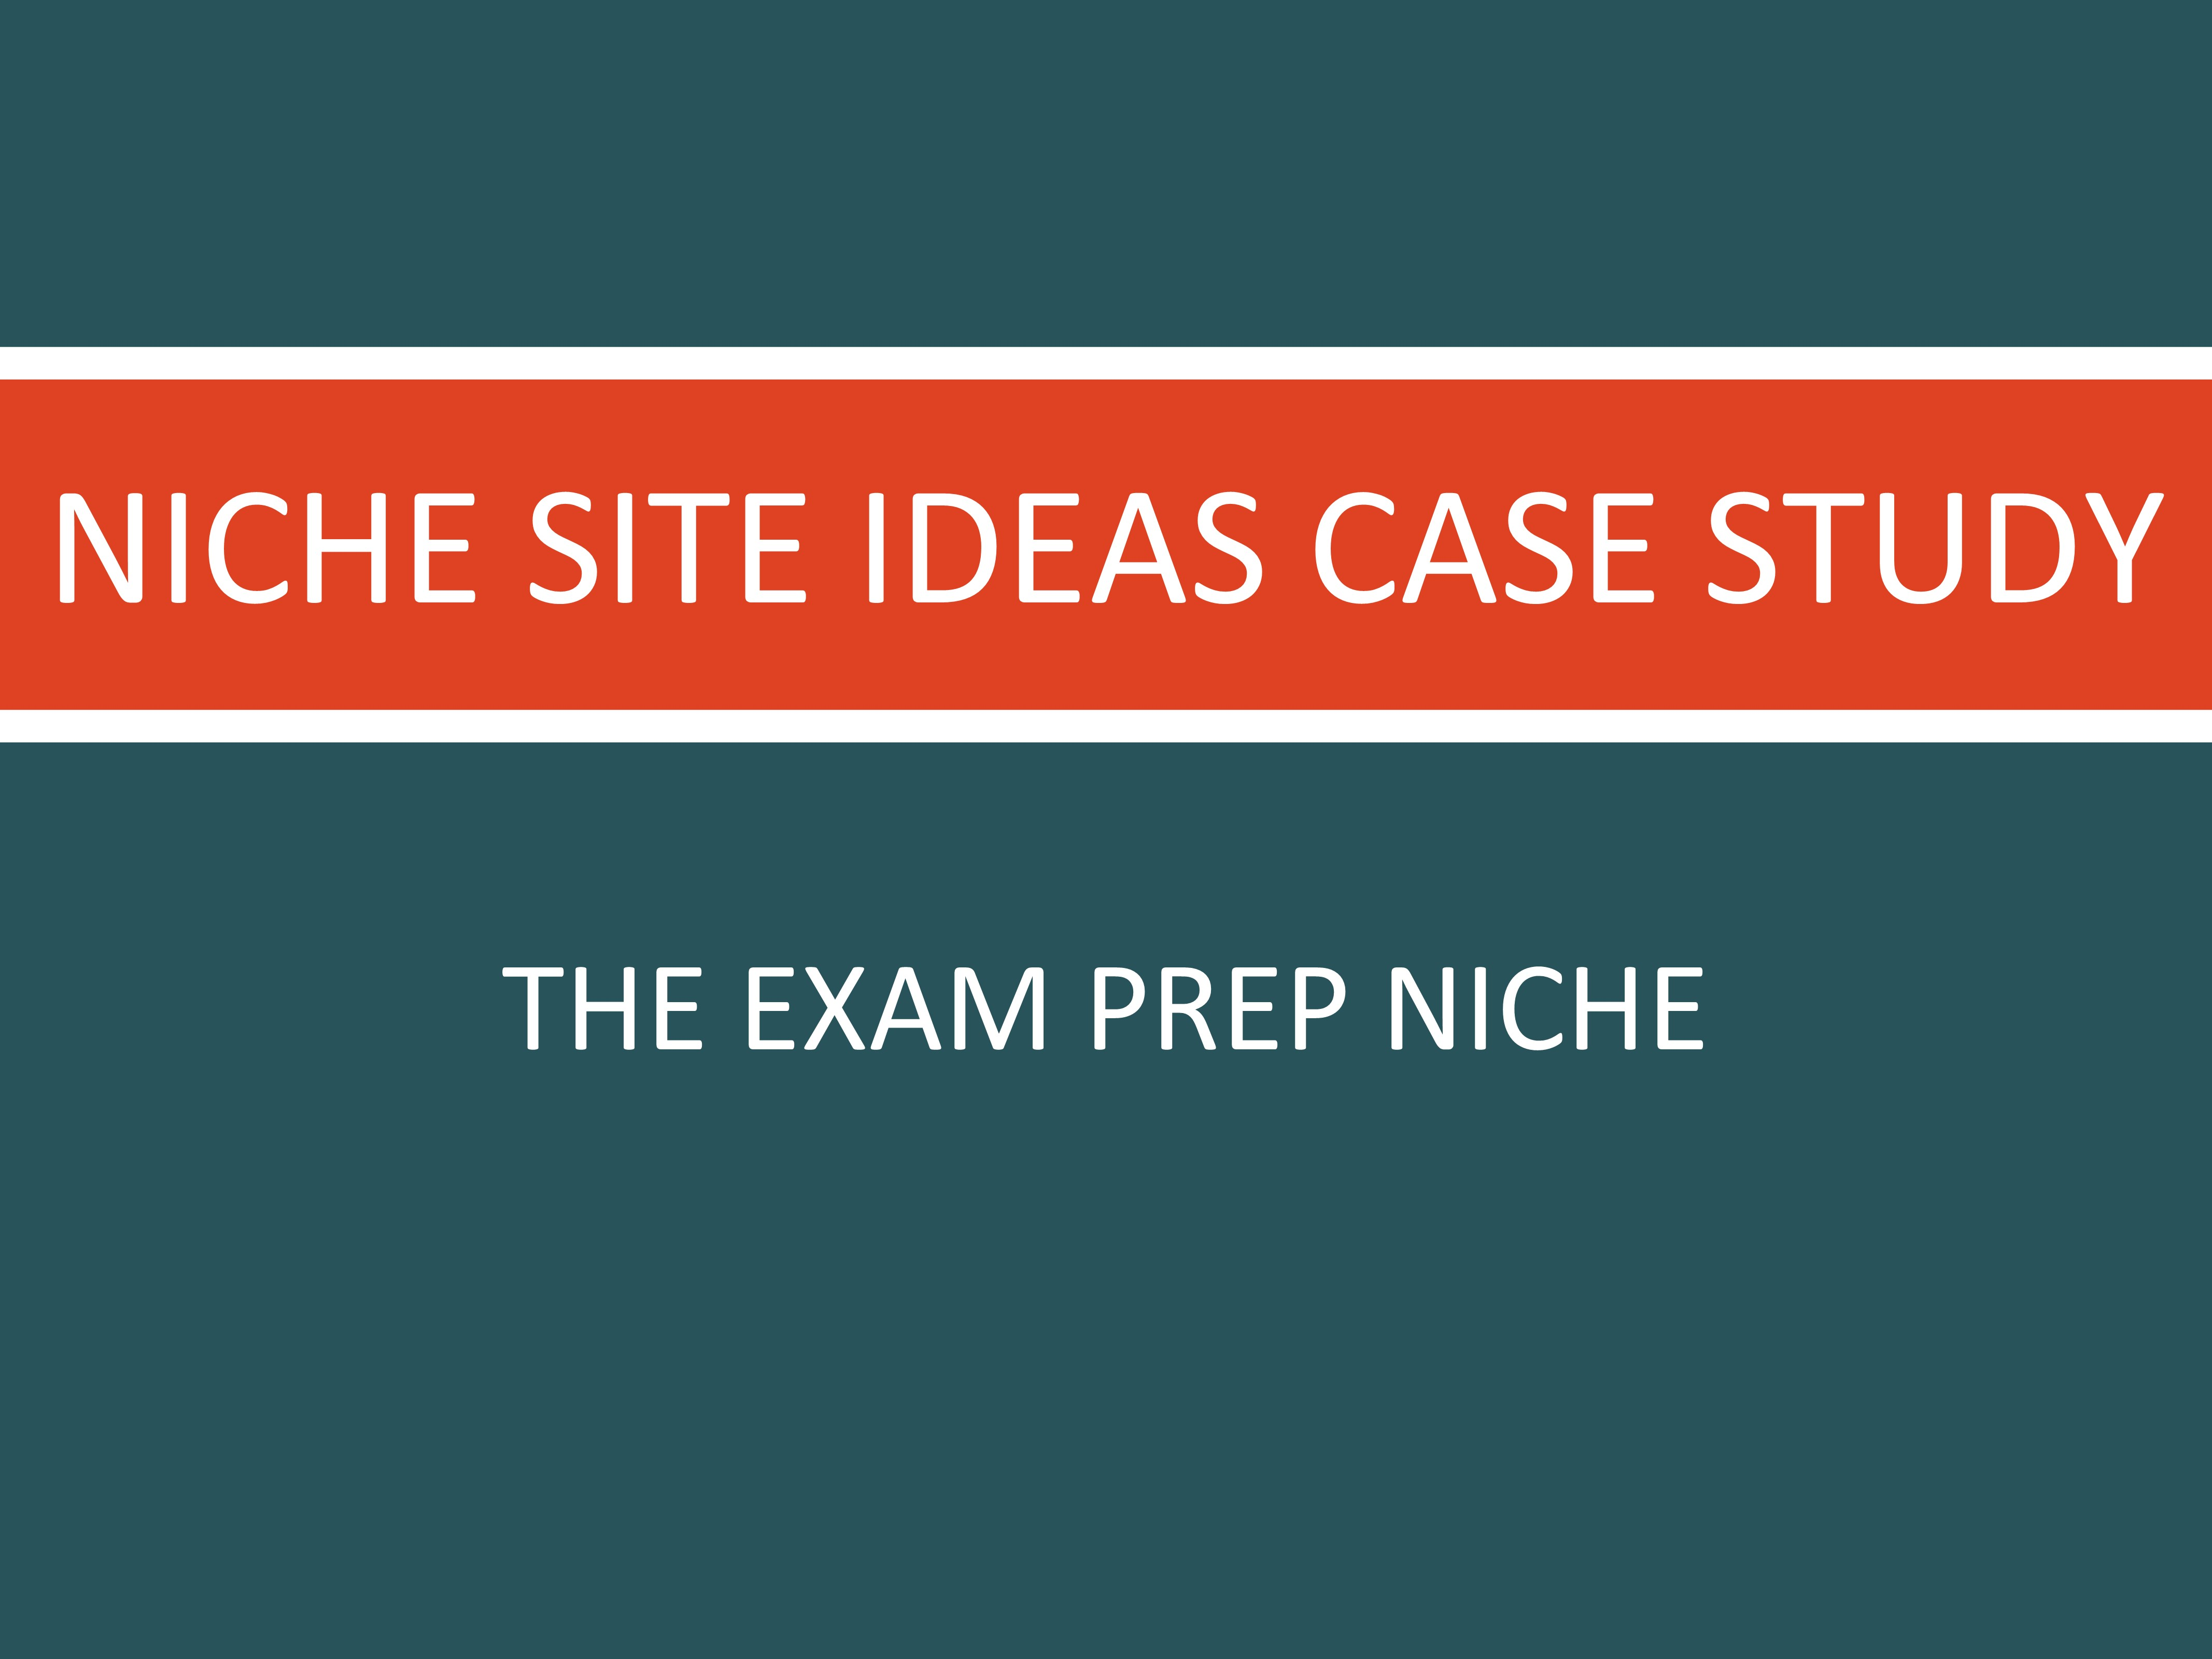 Exam Prep Niche Case Study